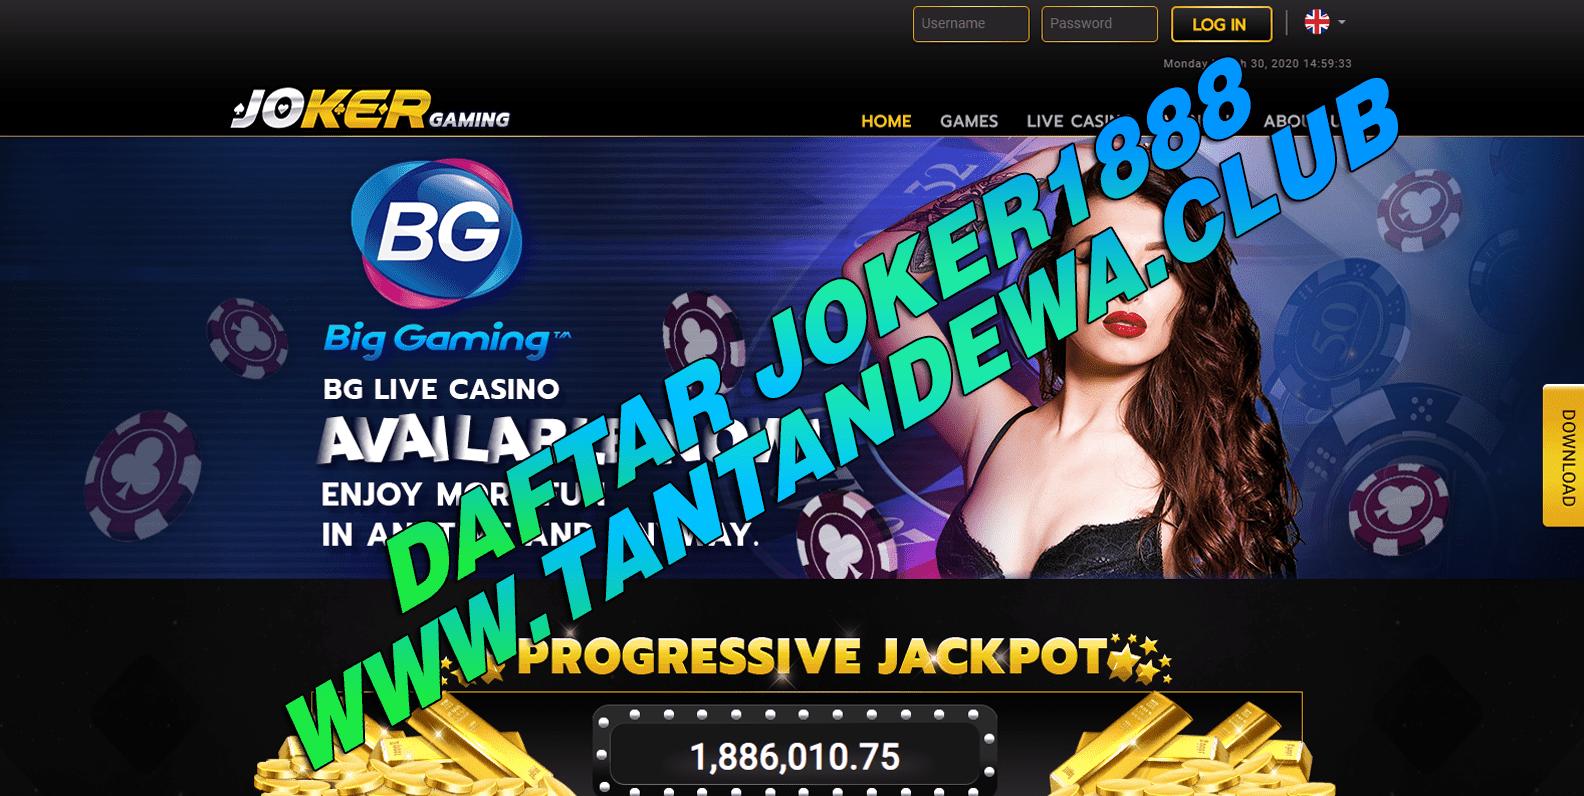 Joker1888, Roma Slot Joker1888, Login Joker1888, Daftar Joker1888, Agen Joker1888, Situs Joker1888, Situs Slot Roma, Download Joker1888